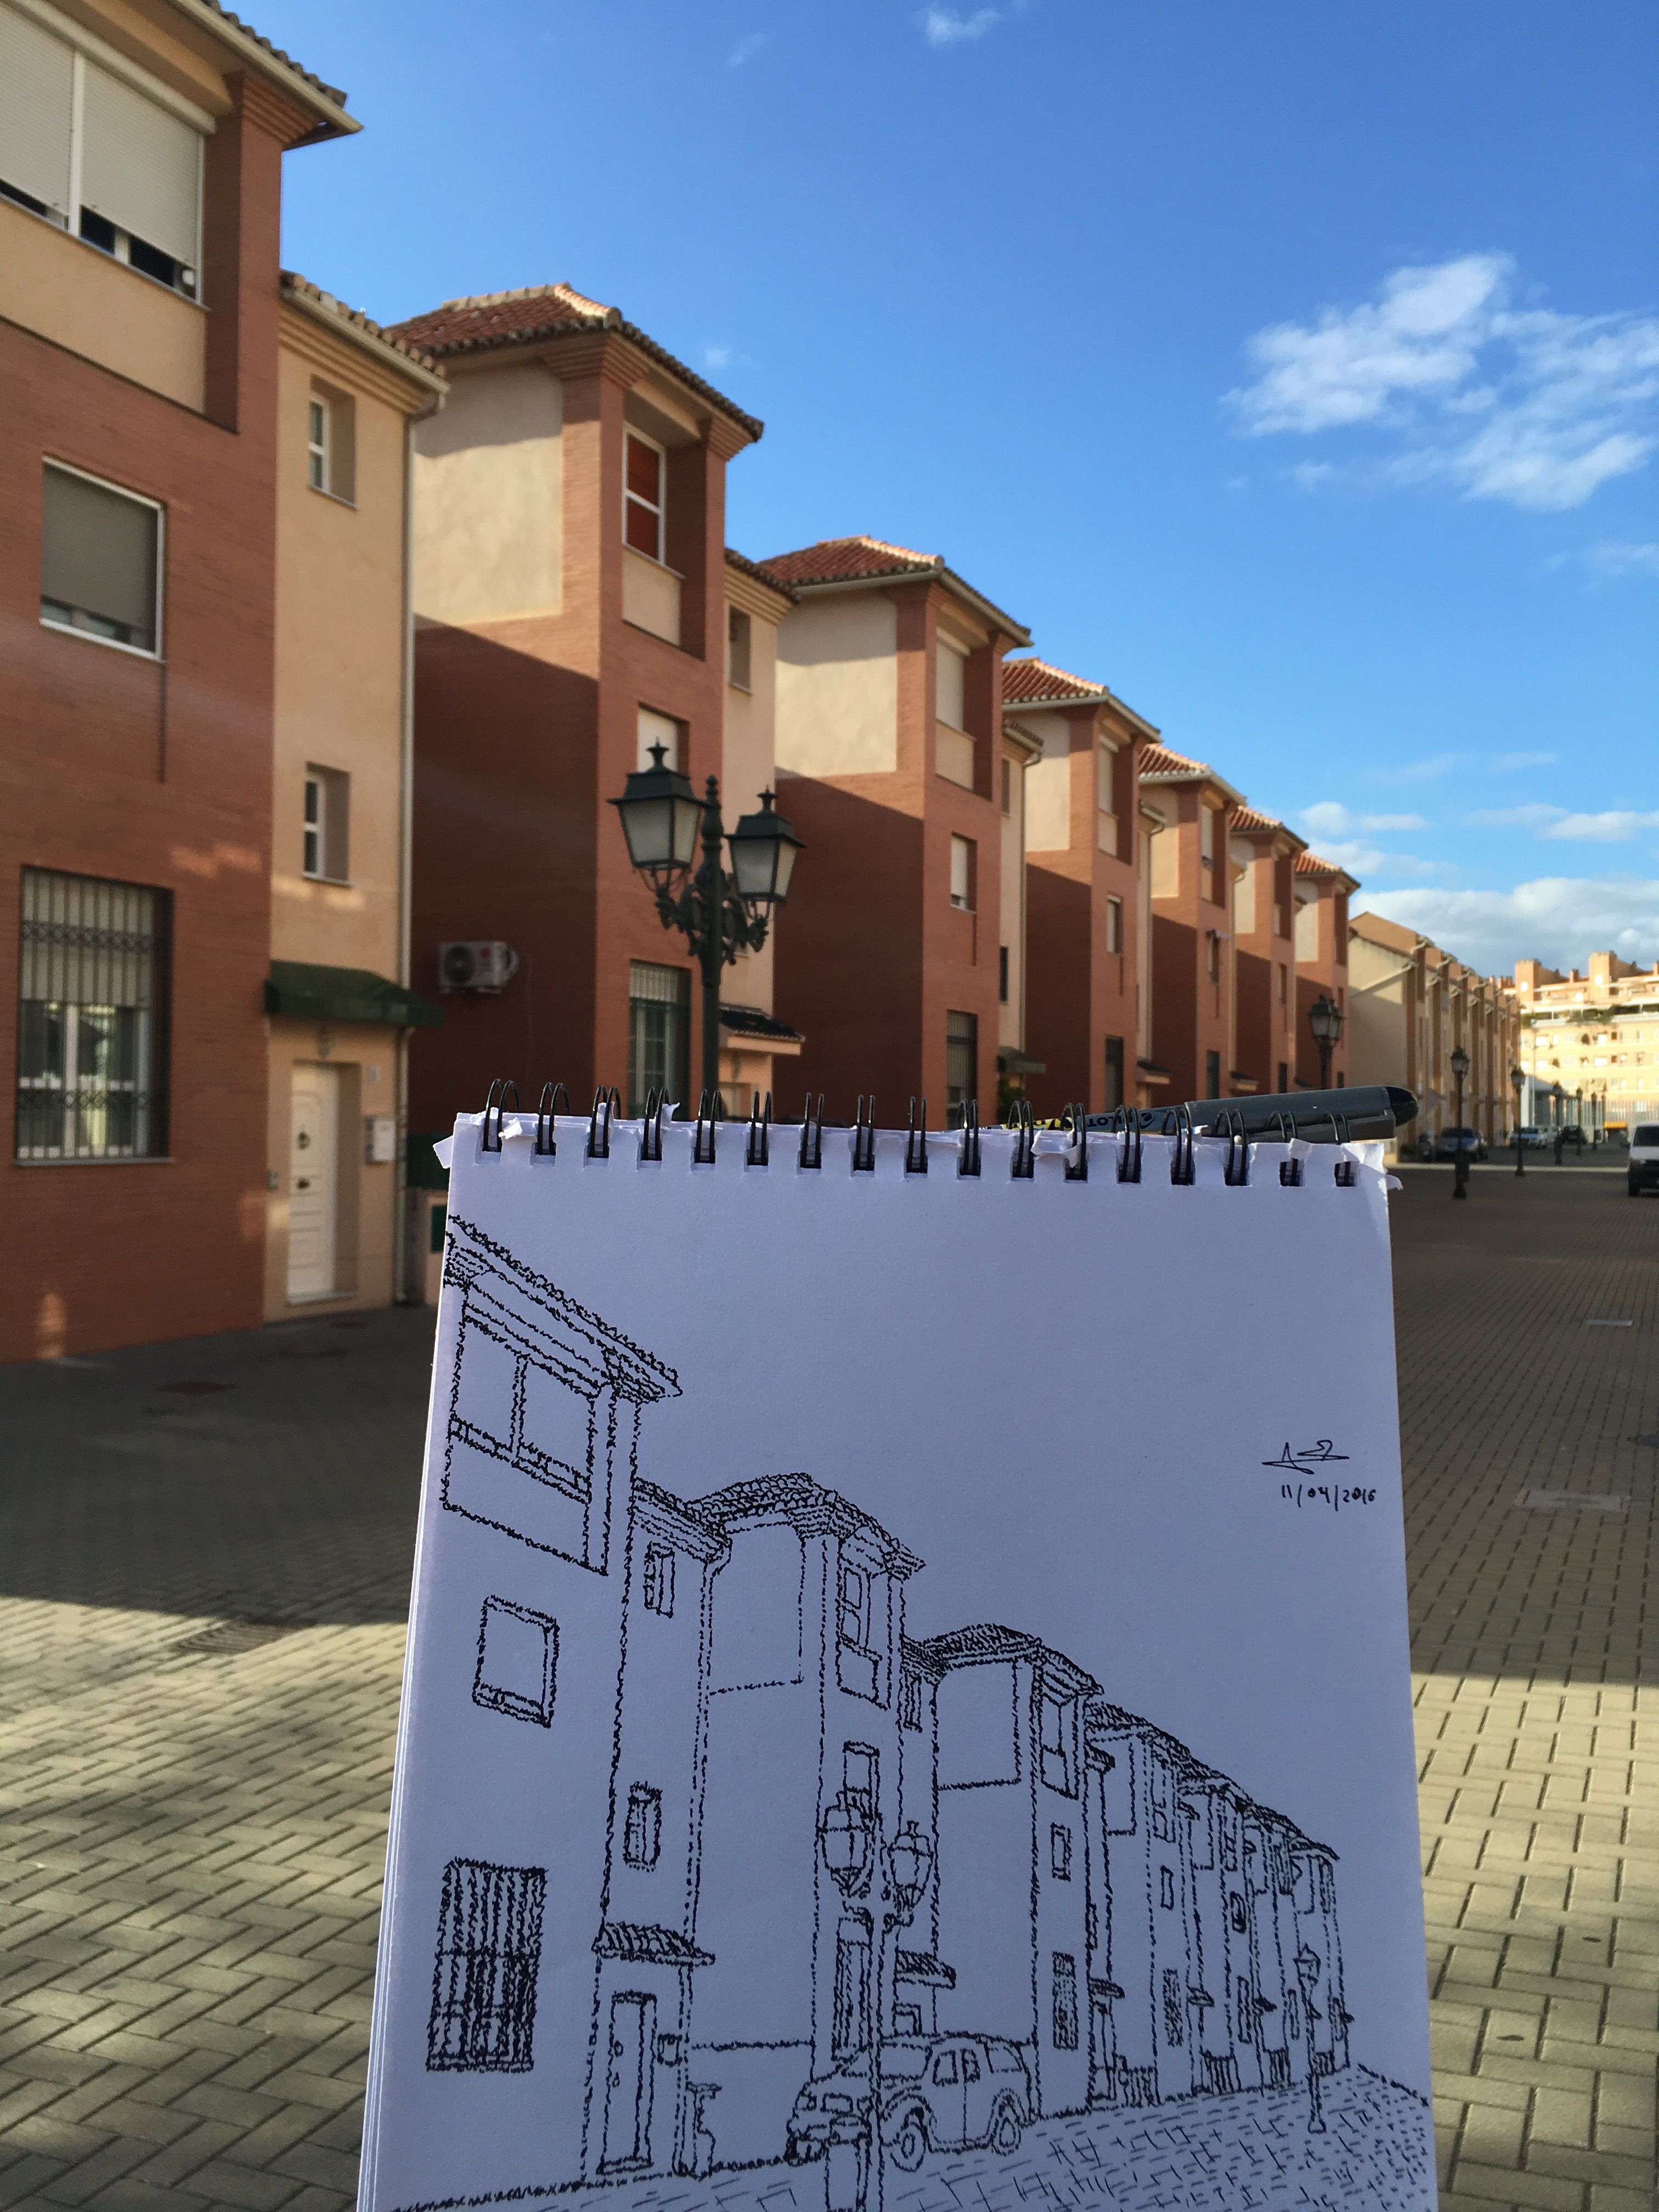 In situ versión libre de encuadre urbano 1, un punto de fuga ...